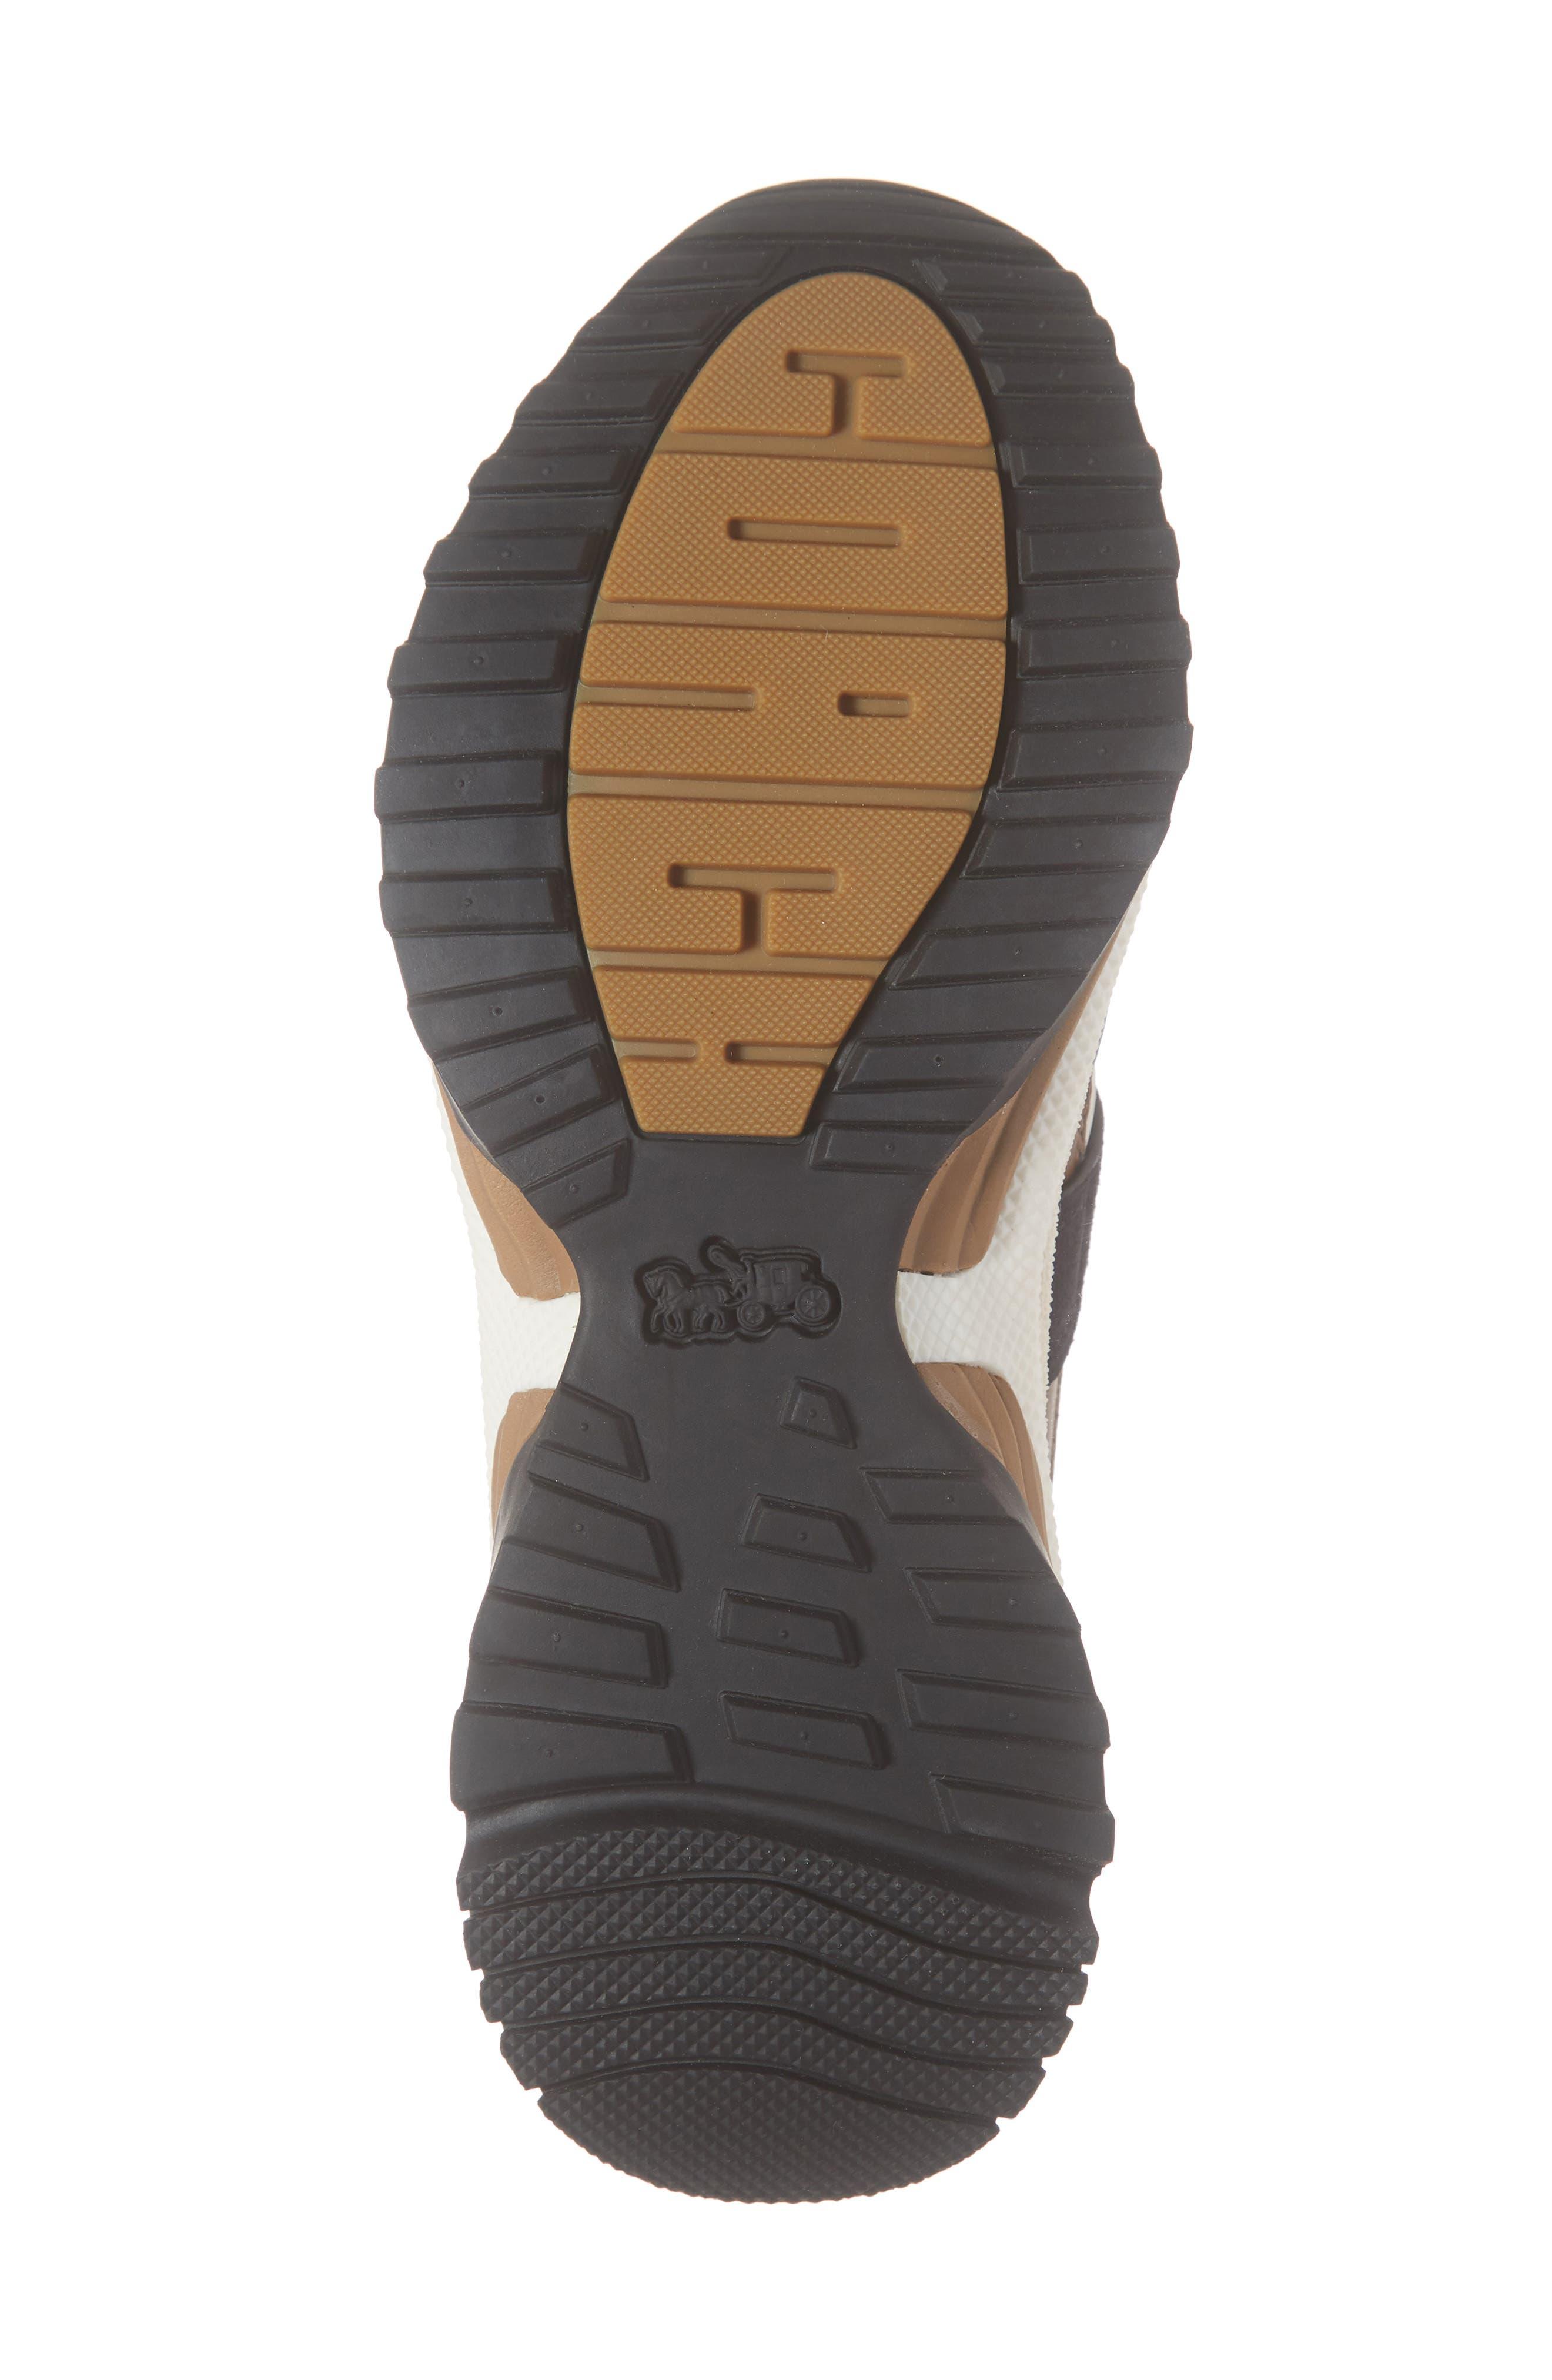 C143 Studded Sneaker,                             Alternate thumbnail 6, color,                             BLACK/ GUNMETAL LEATHER